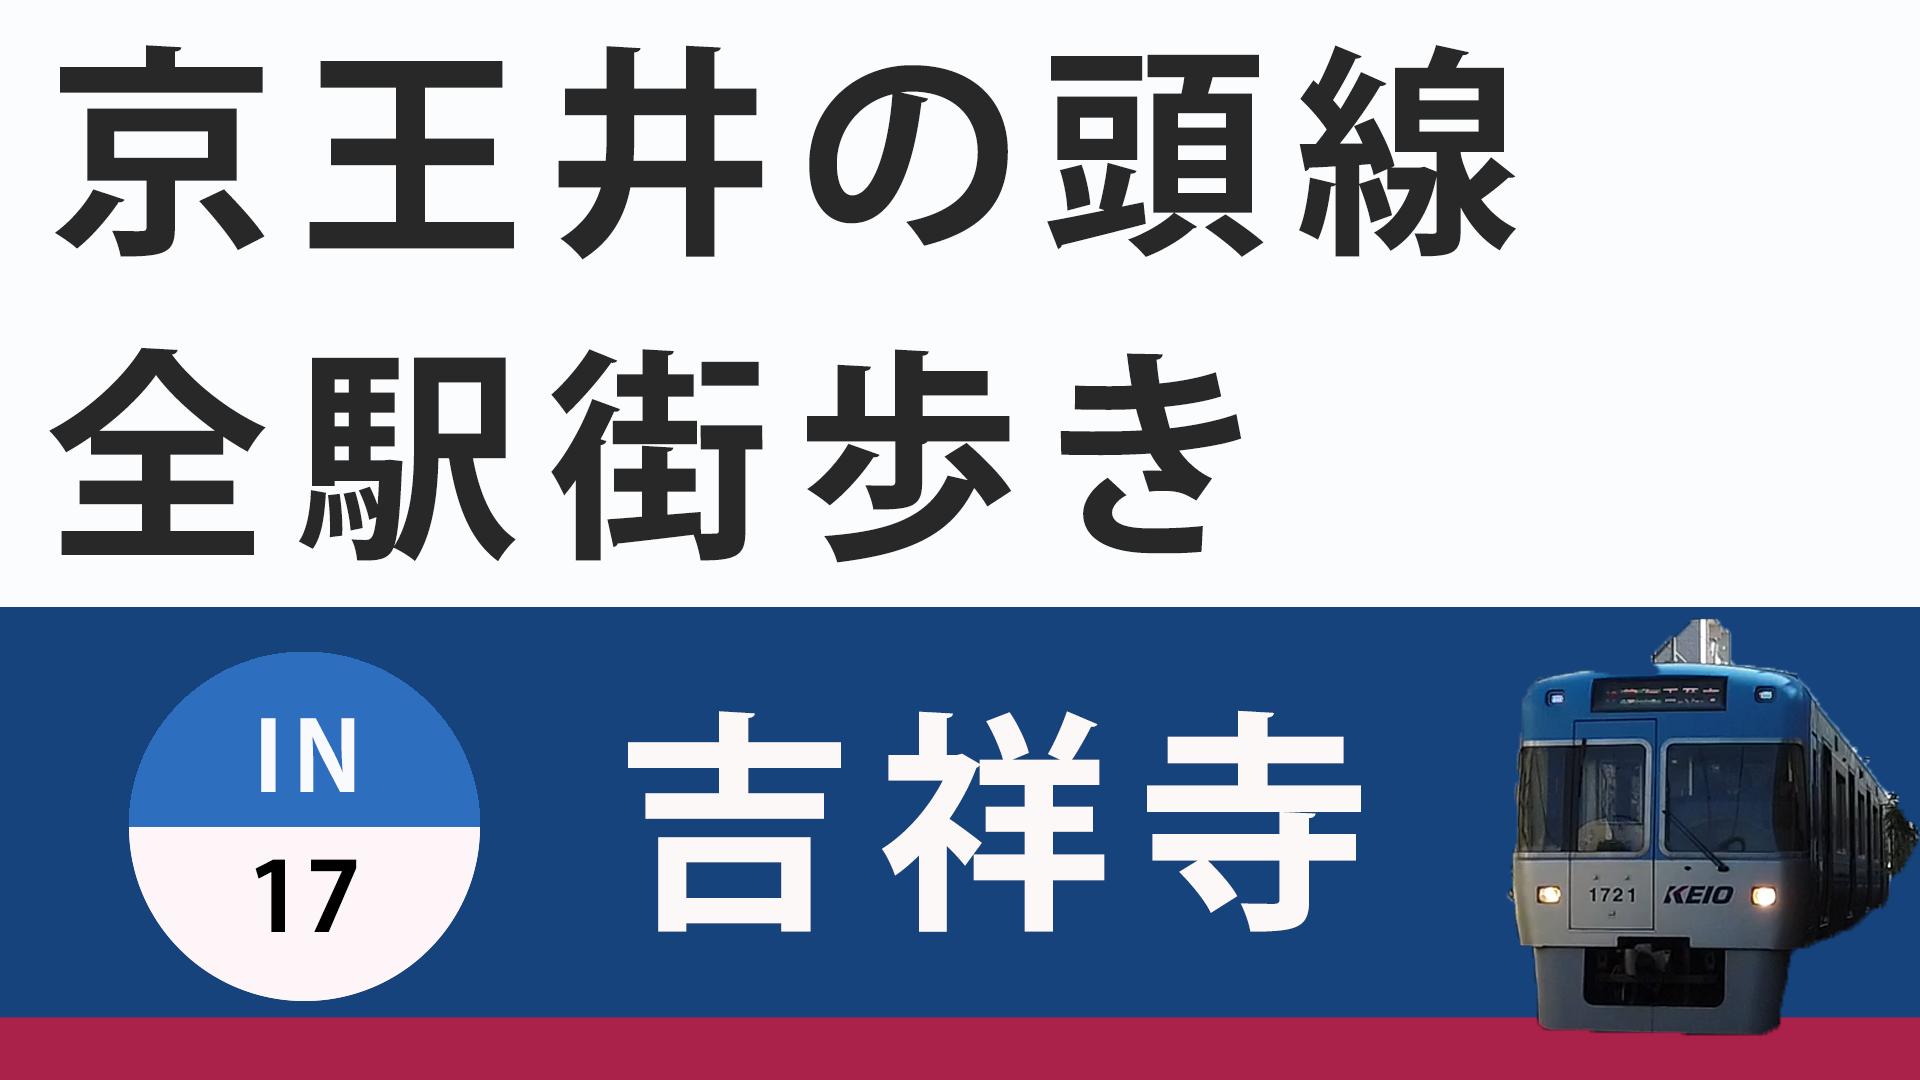 kichijoji-image